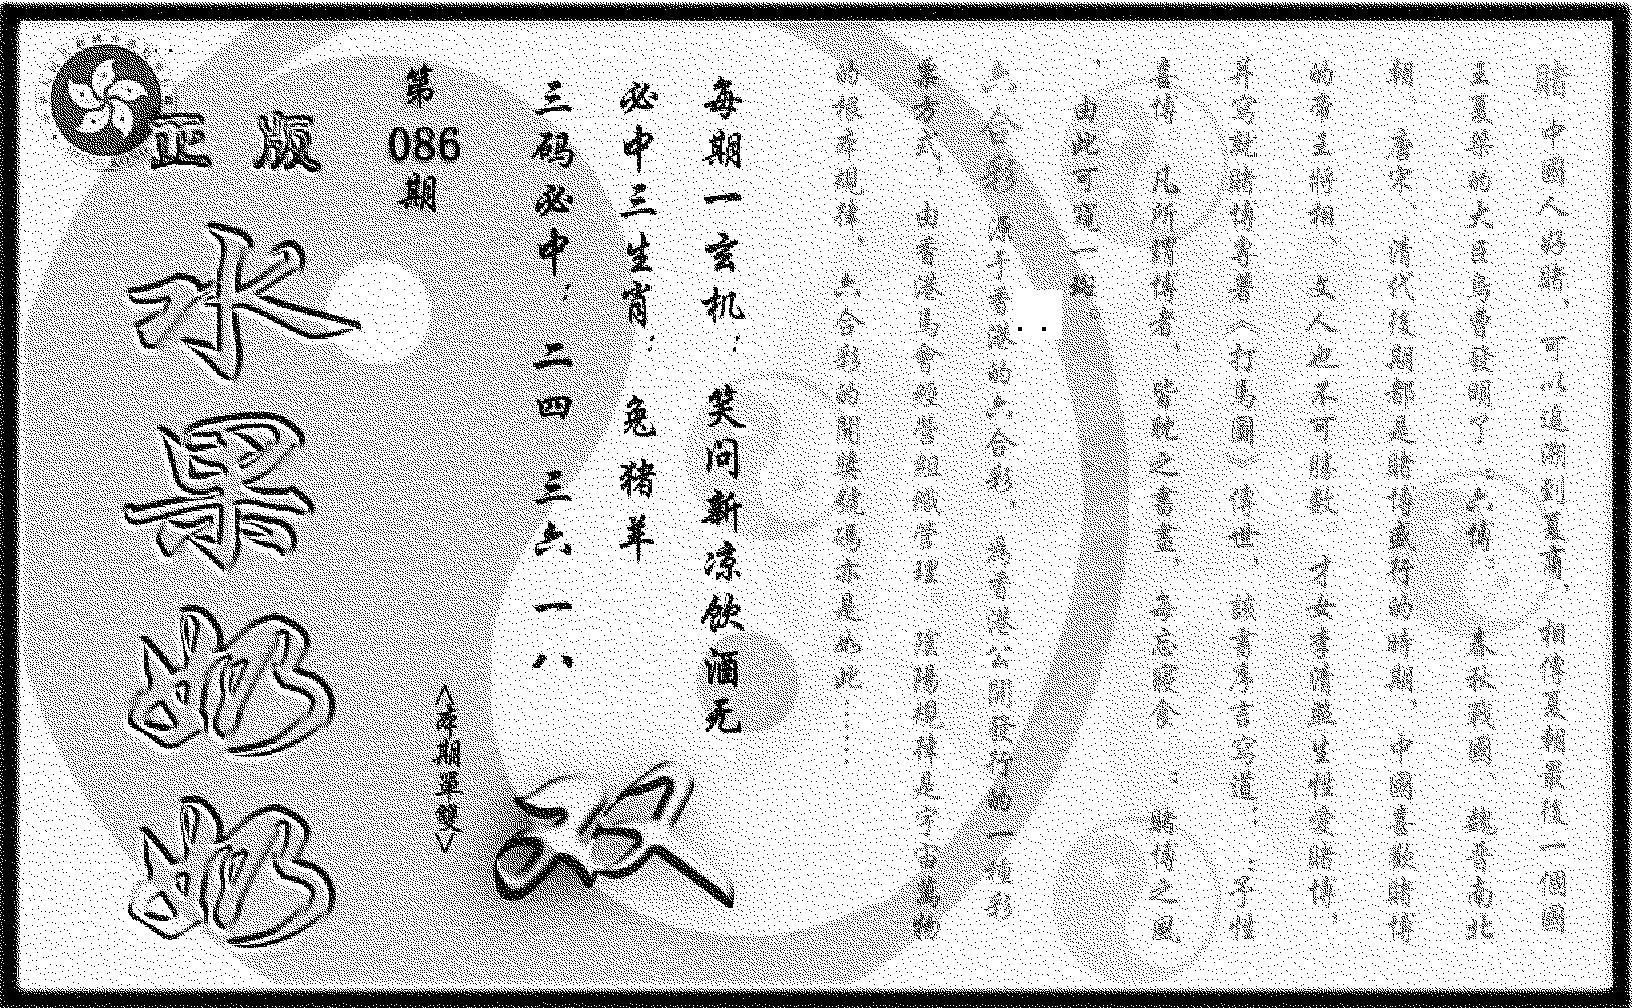 086期(九龙单双攻略)正版(黑白)